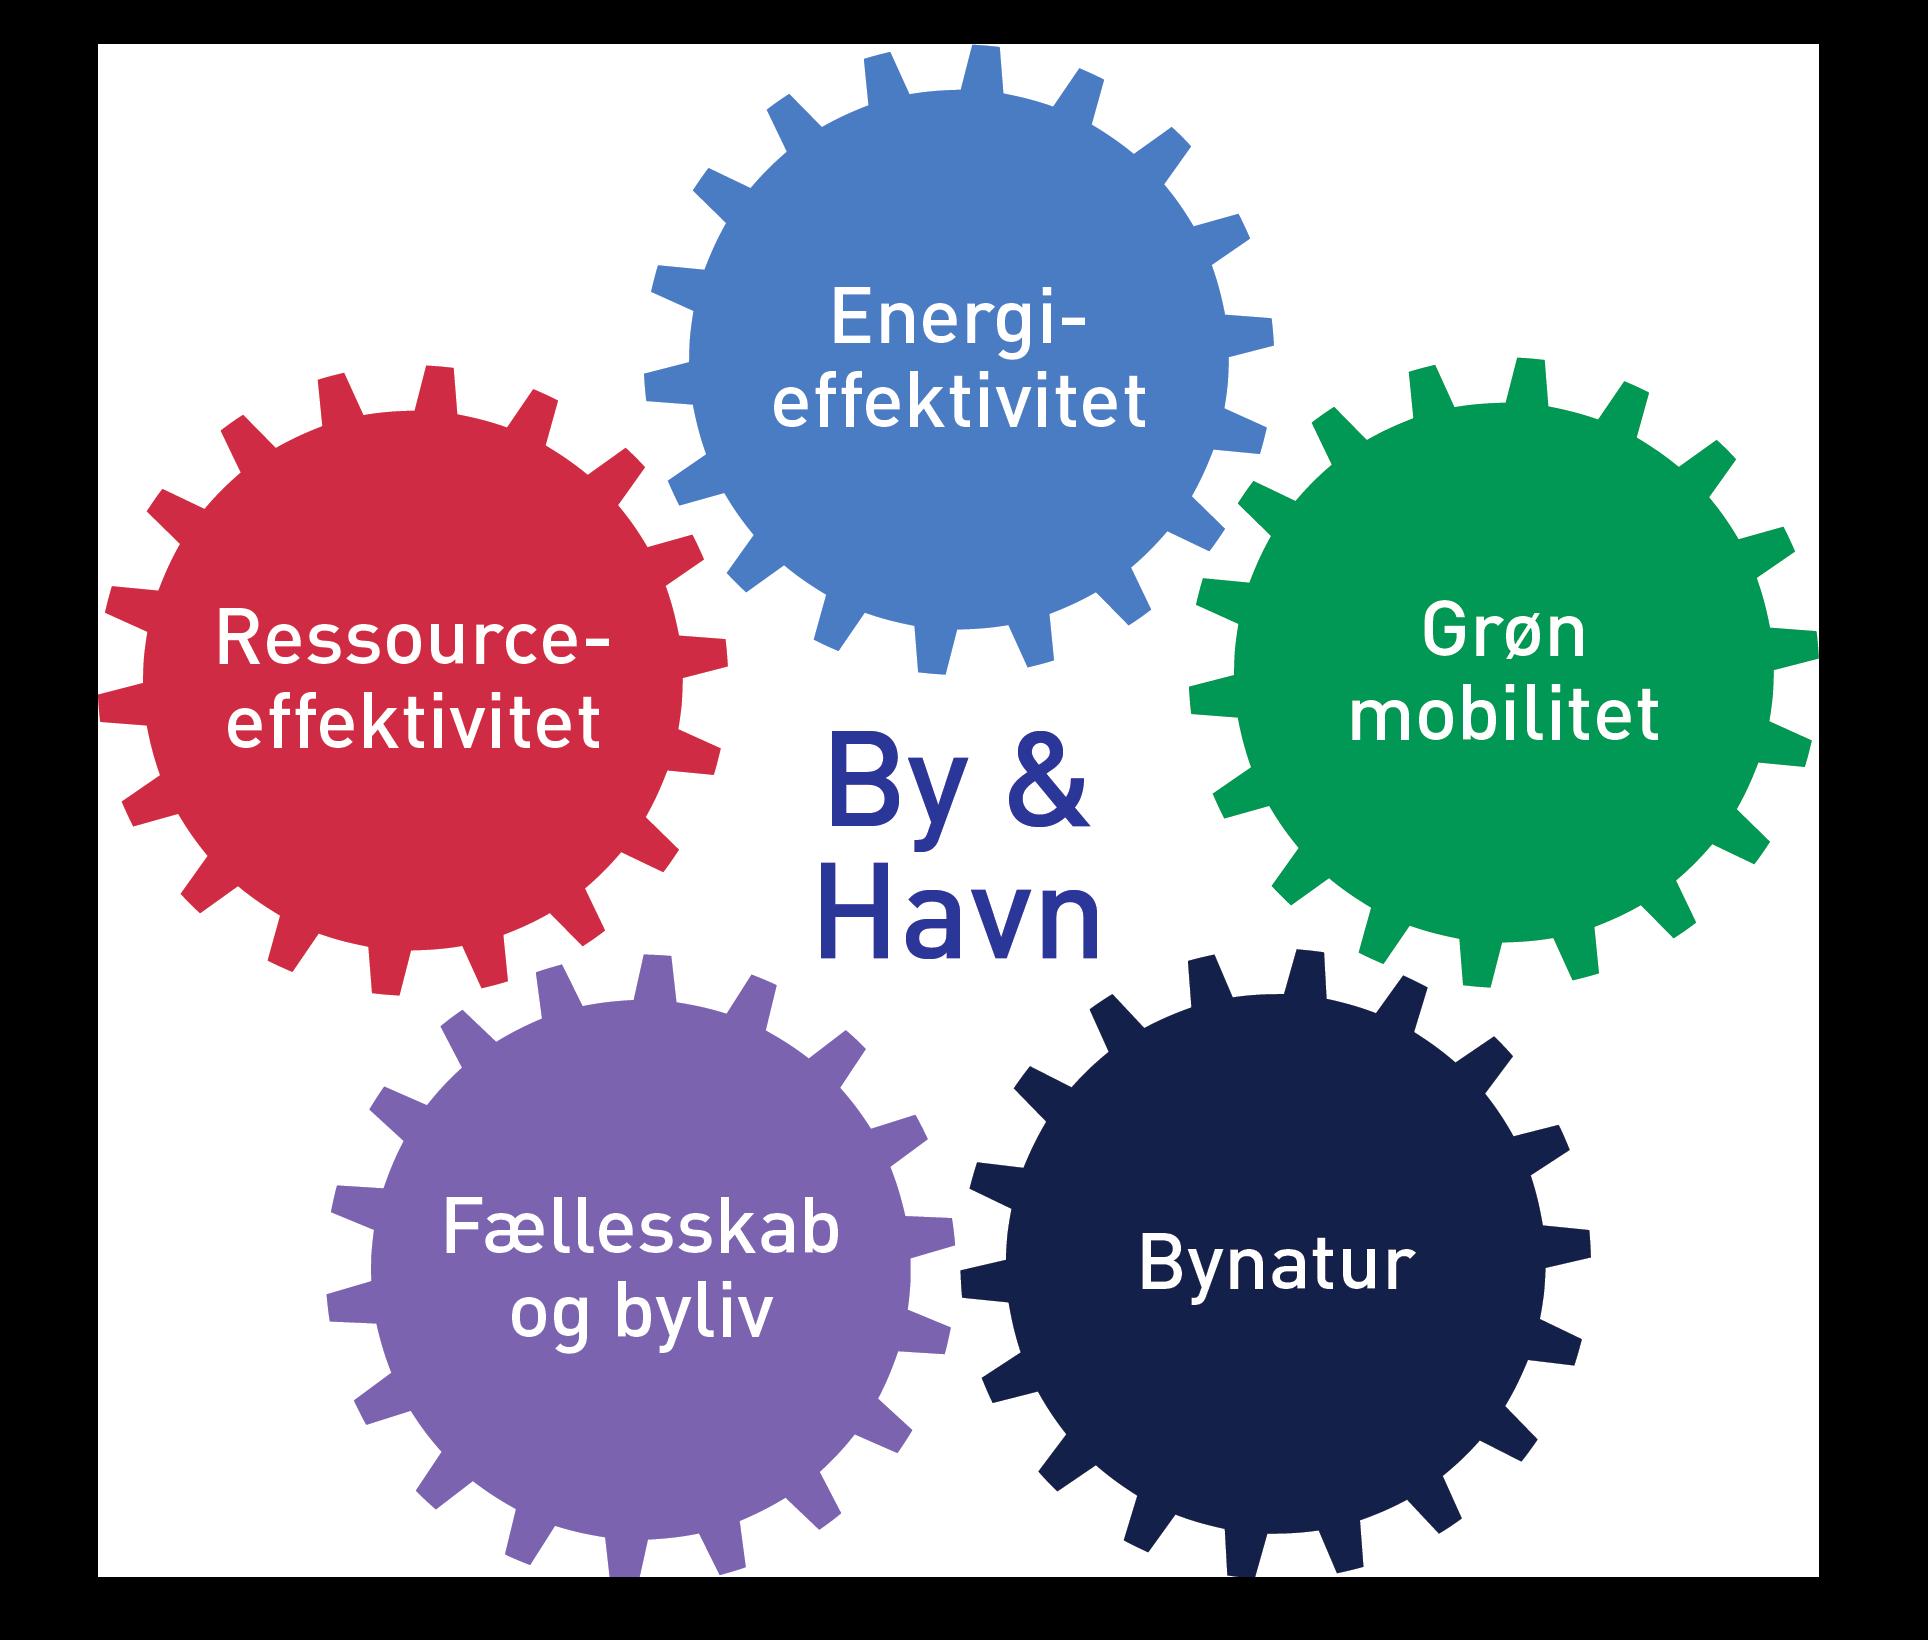 Fem temaer for bæredygtighed: Energieffektivitet, Grøn mobilitet, Bynatur, Fællesskab og byliv og Ressourceeffektivitet